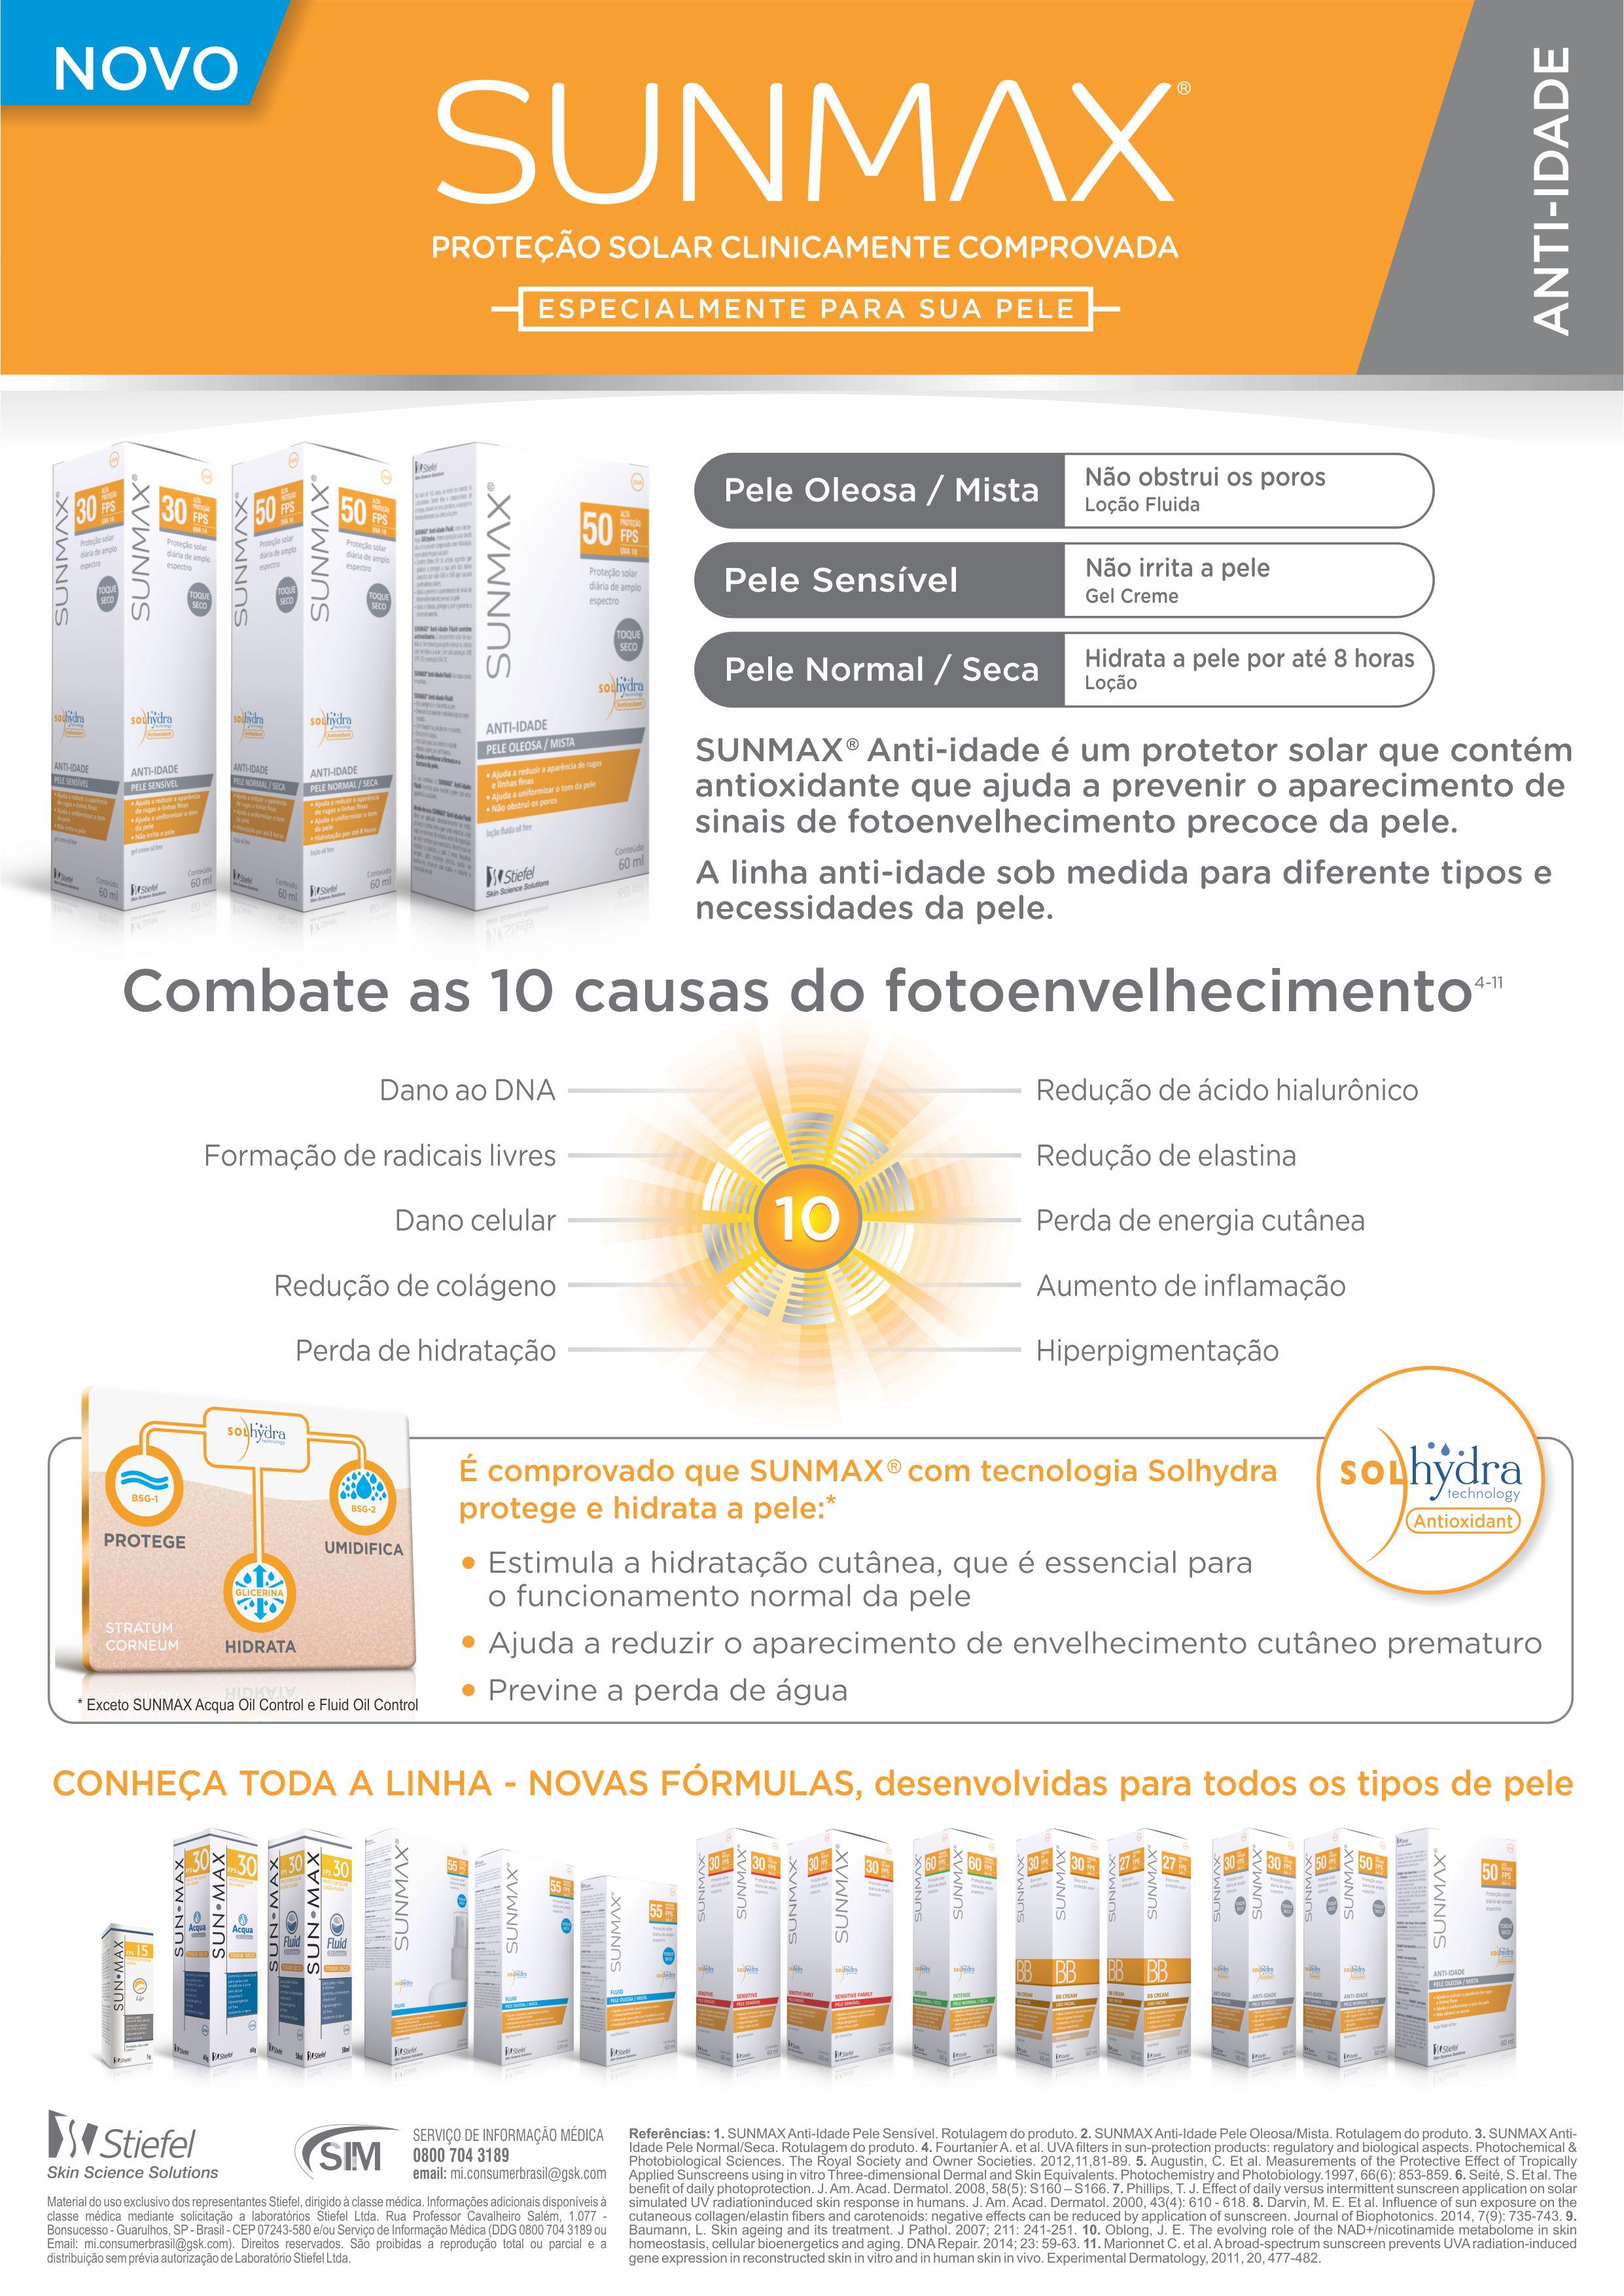 Sunmax Anti-Idade